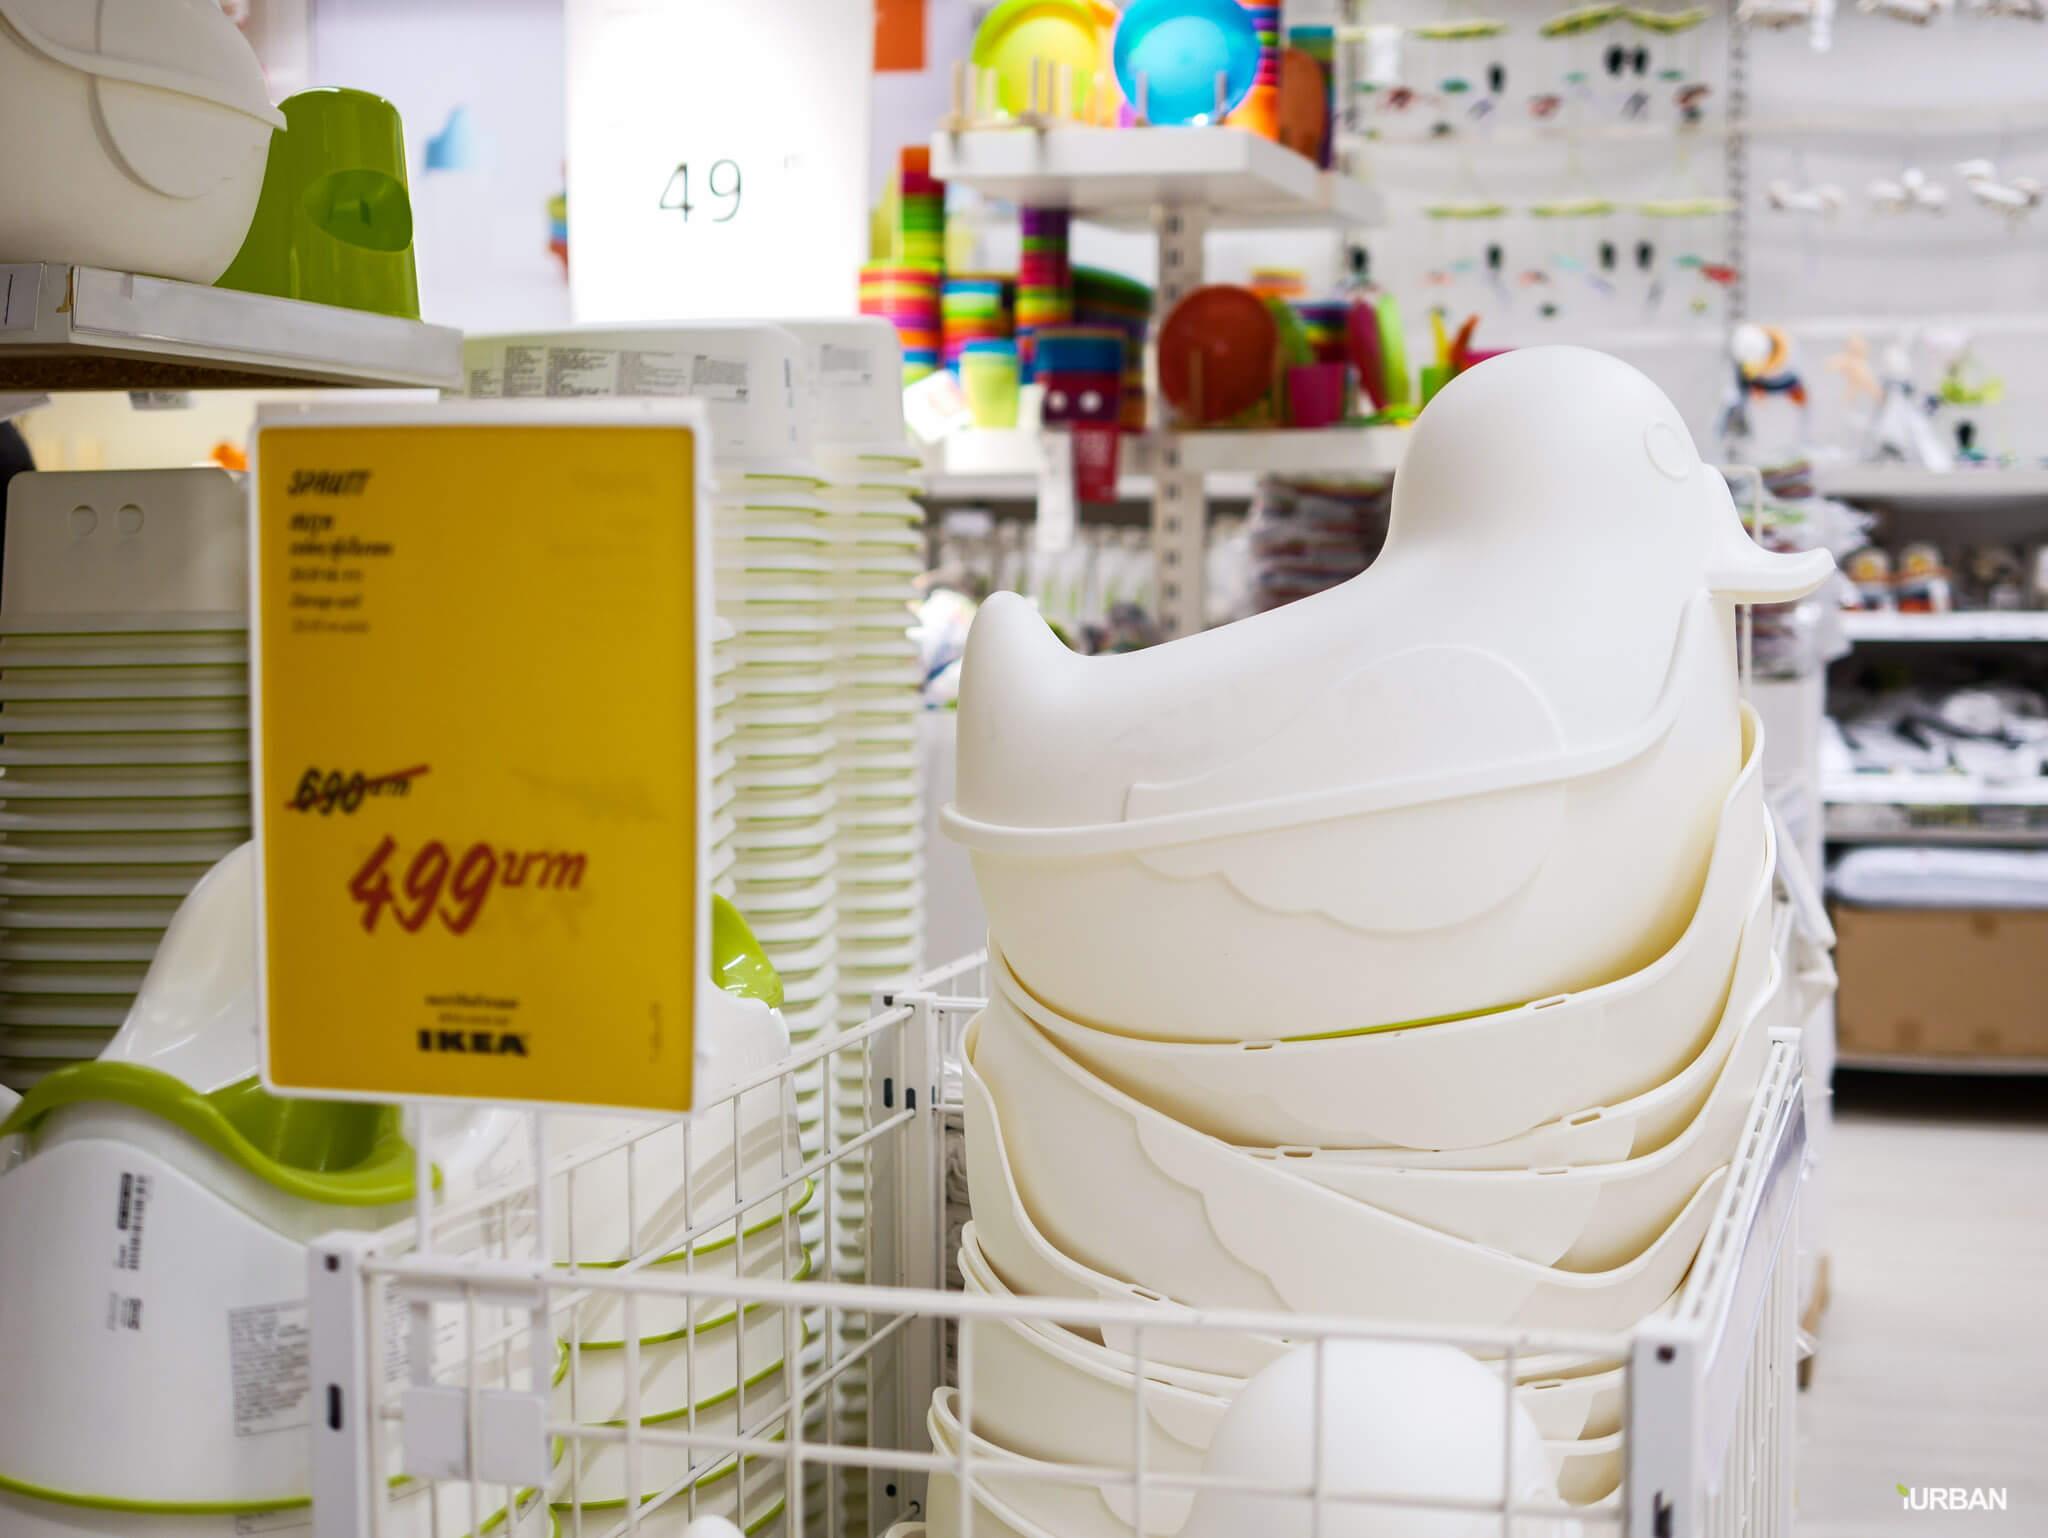 มันเยอะมากกกก!! IKEA Year End SALE 2017 รวมของเซลในอิเกีย ลดเยอะ ลดแหลก รีบพุ่งตัวไป วันนี้ - 7 มกราคม 61 95 - IKEA (อิเกีย)